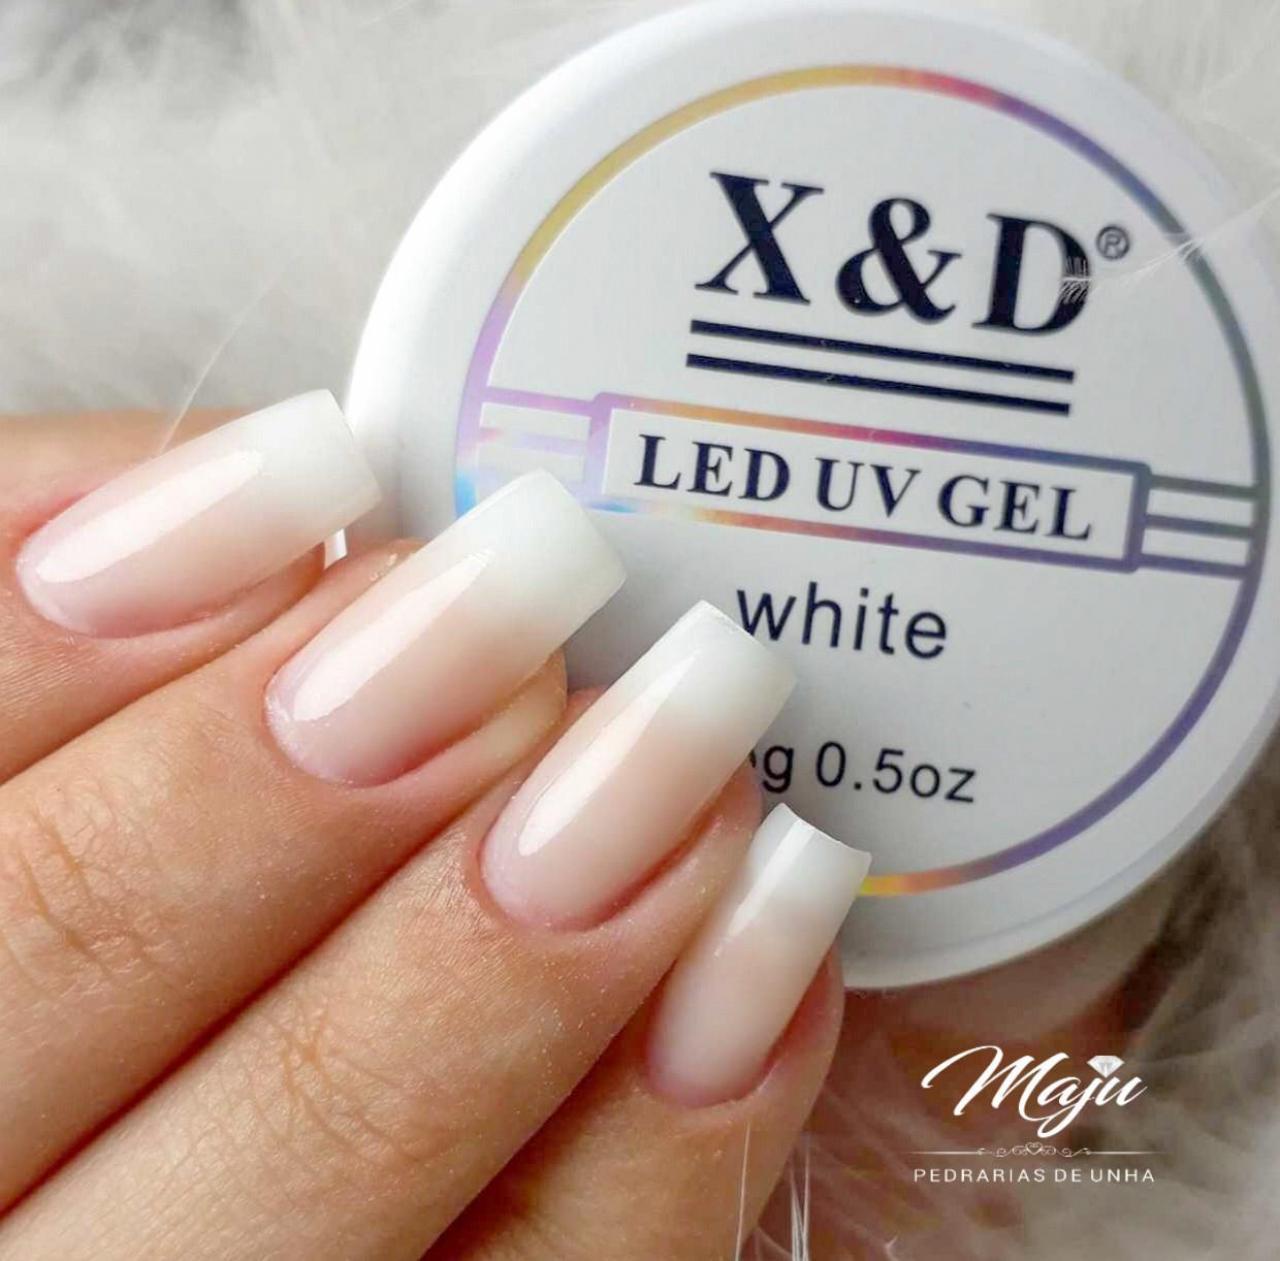 LED UV GEL X&D WHITE 15G.